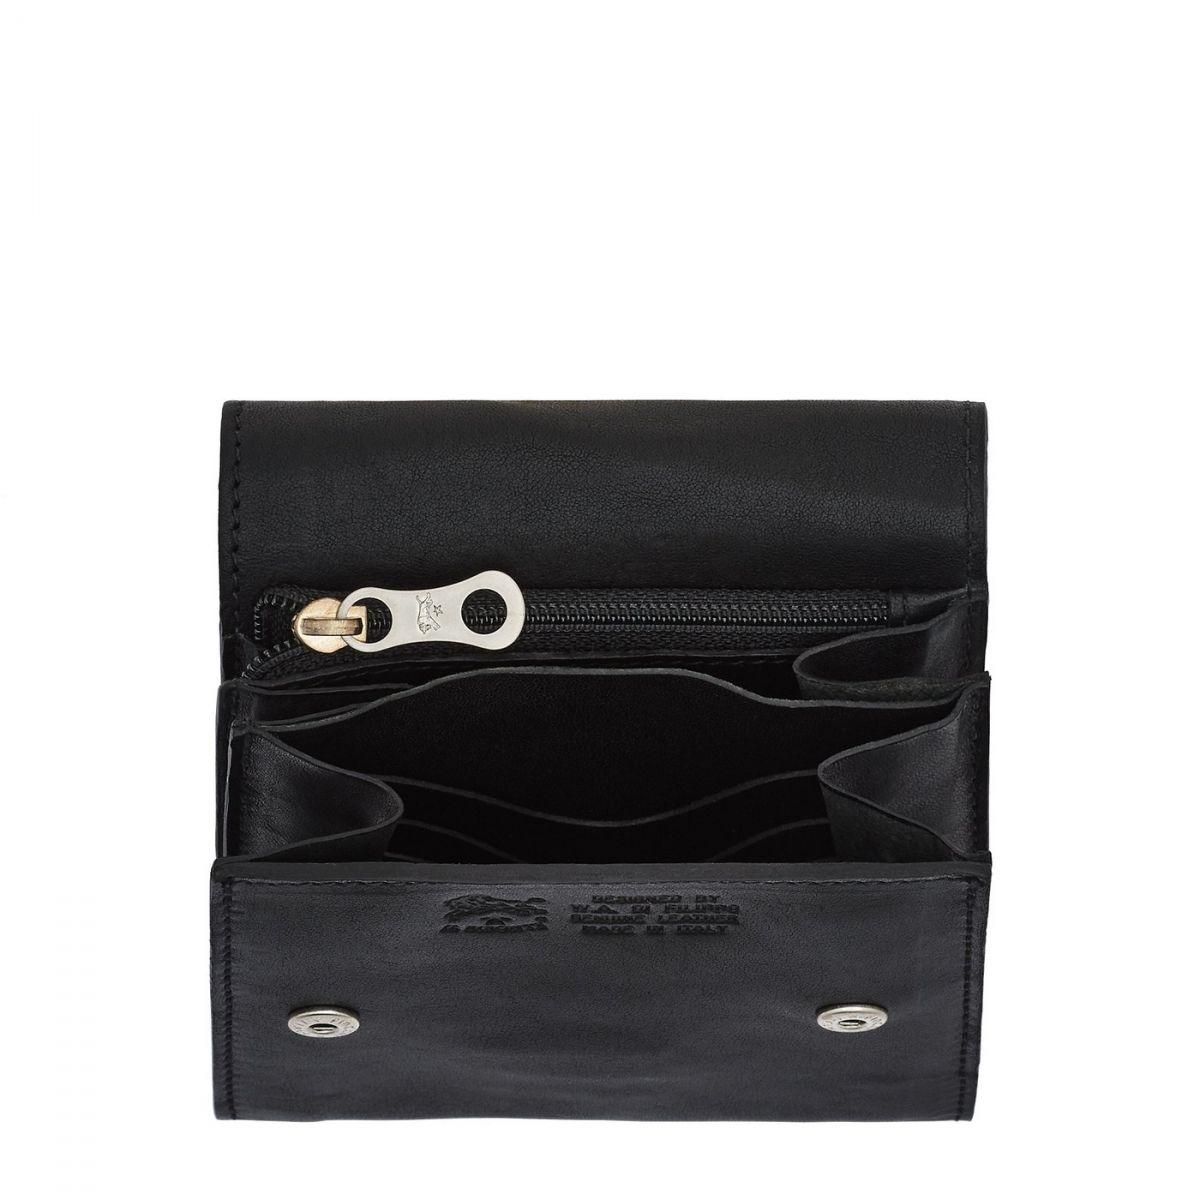 Men's Wallet in Vintage Cowhide Leather SMW083 color Black | Details